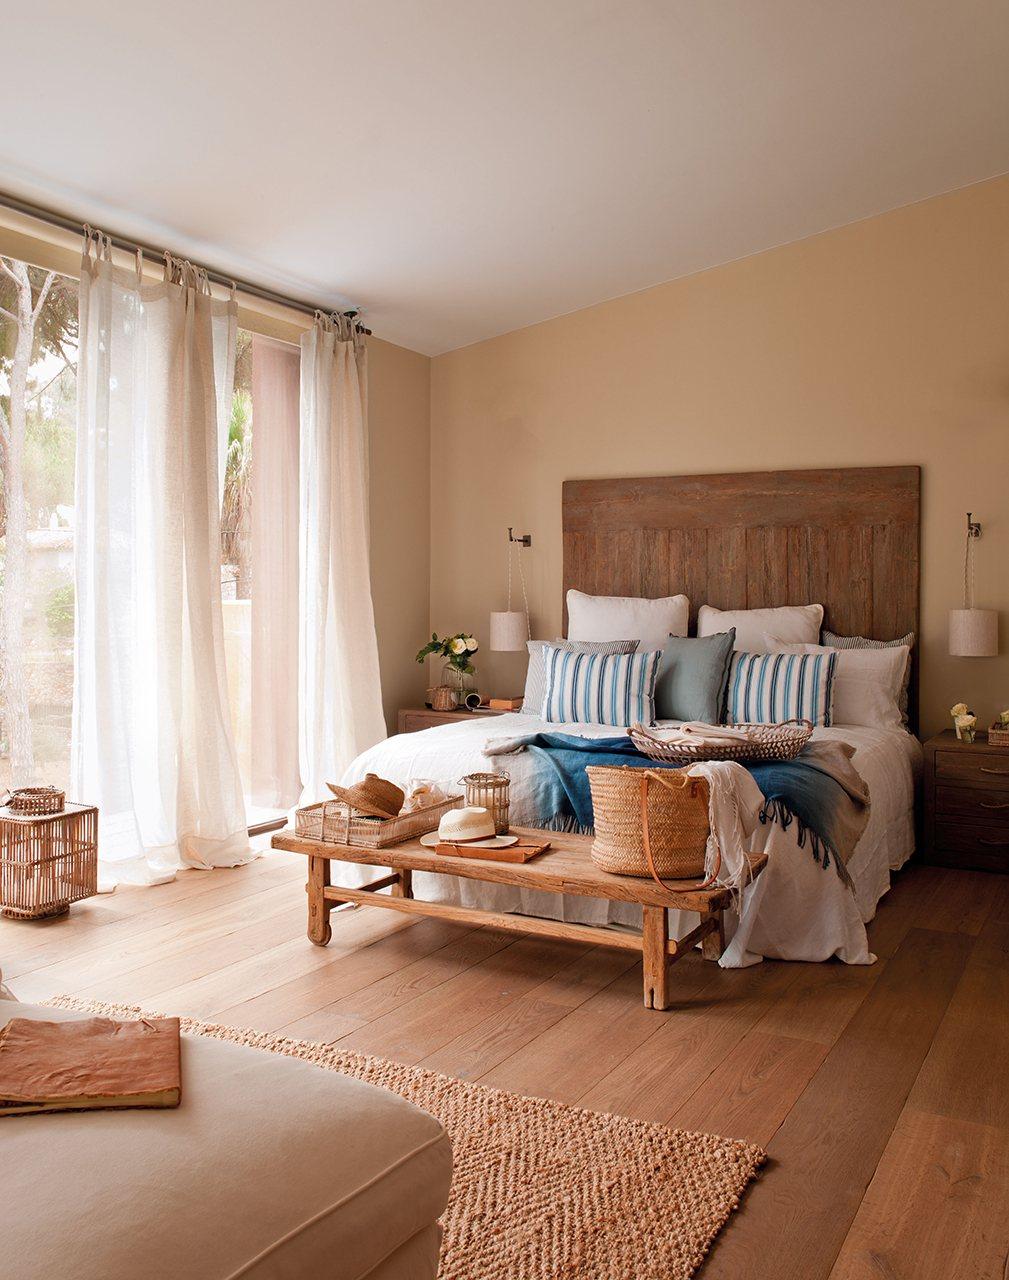 dormitorio principal con cabecero de madera dormitorio principal con suelo y mobiliario de madera con